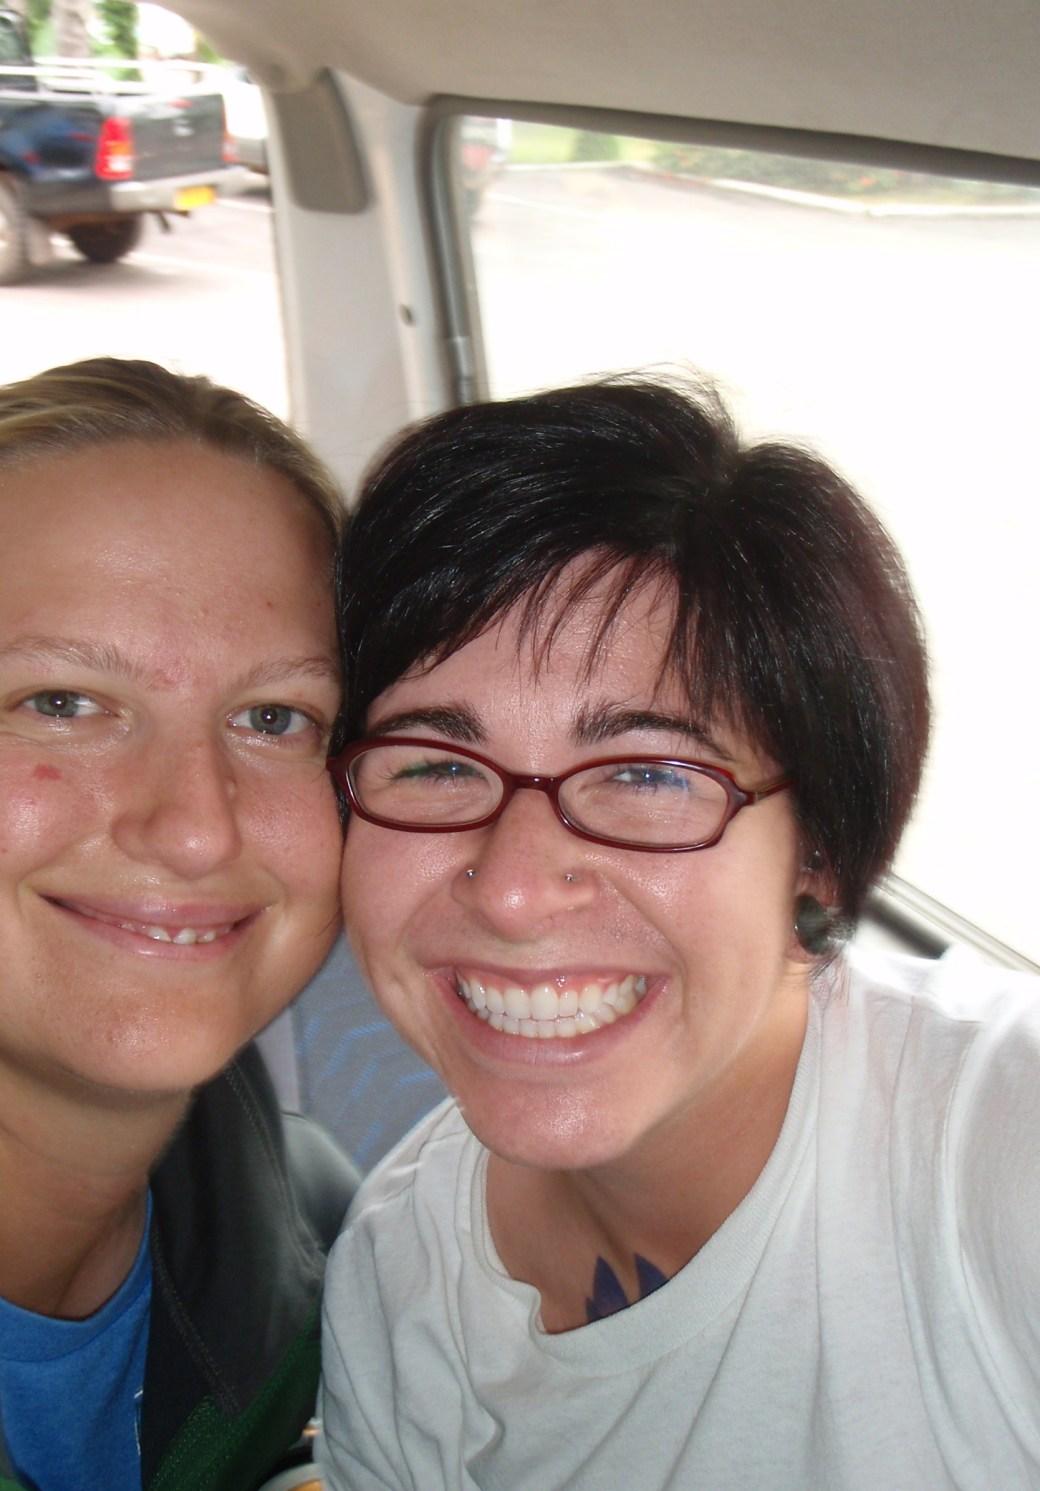 Kelsey and I Selfie; Port Gentil, Gabon; 2010